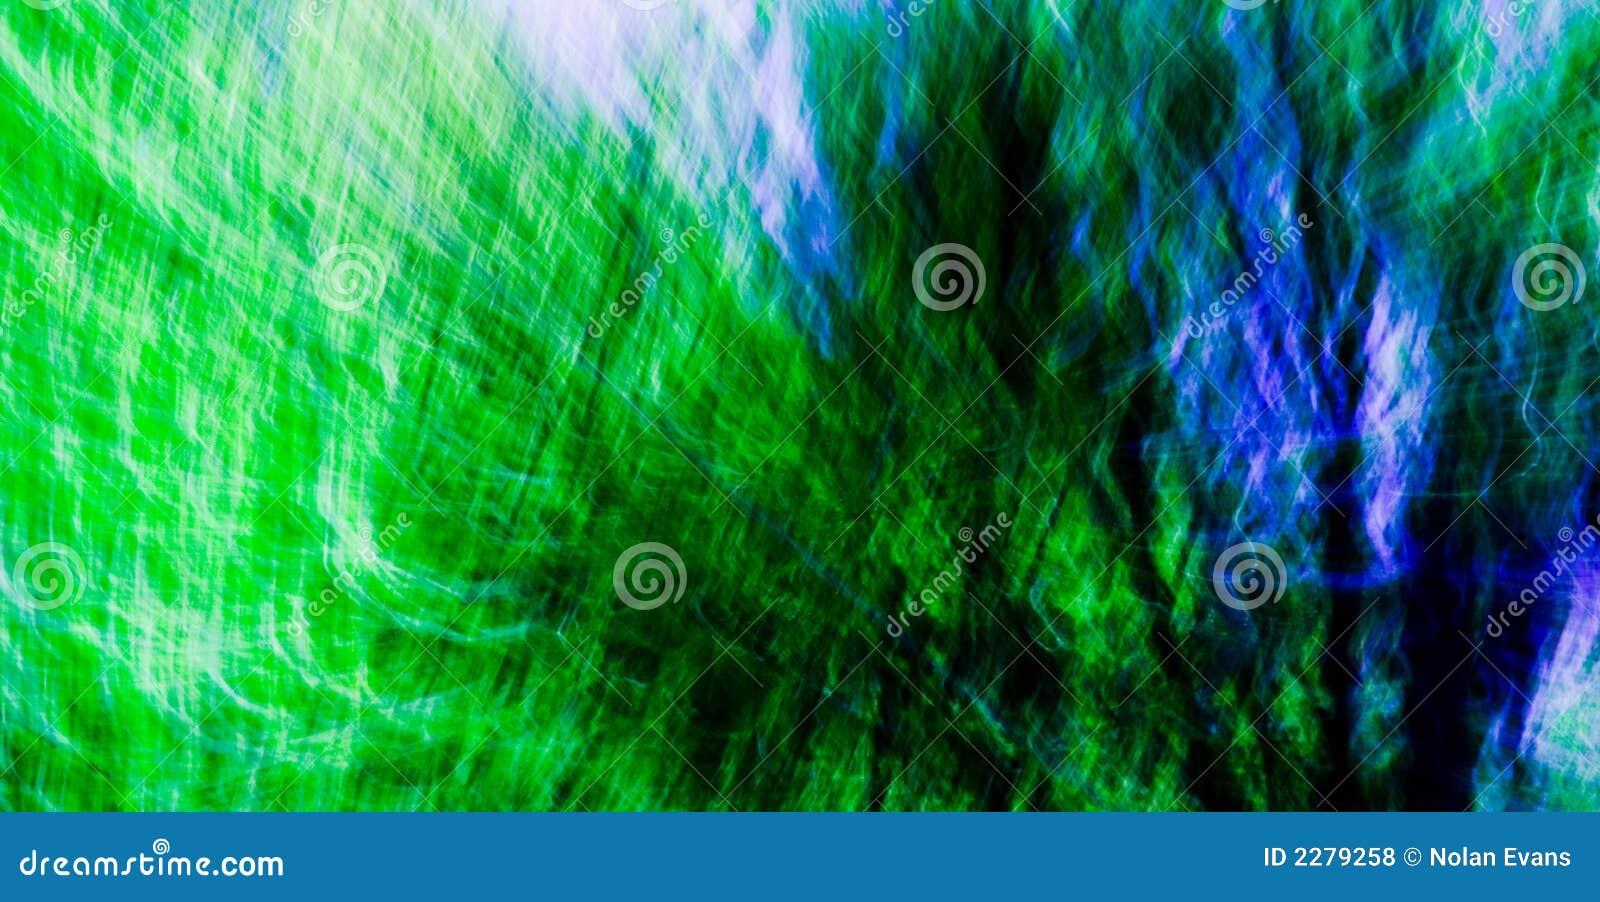 Groen/Blauw Mengsel Abstracte #2